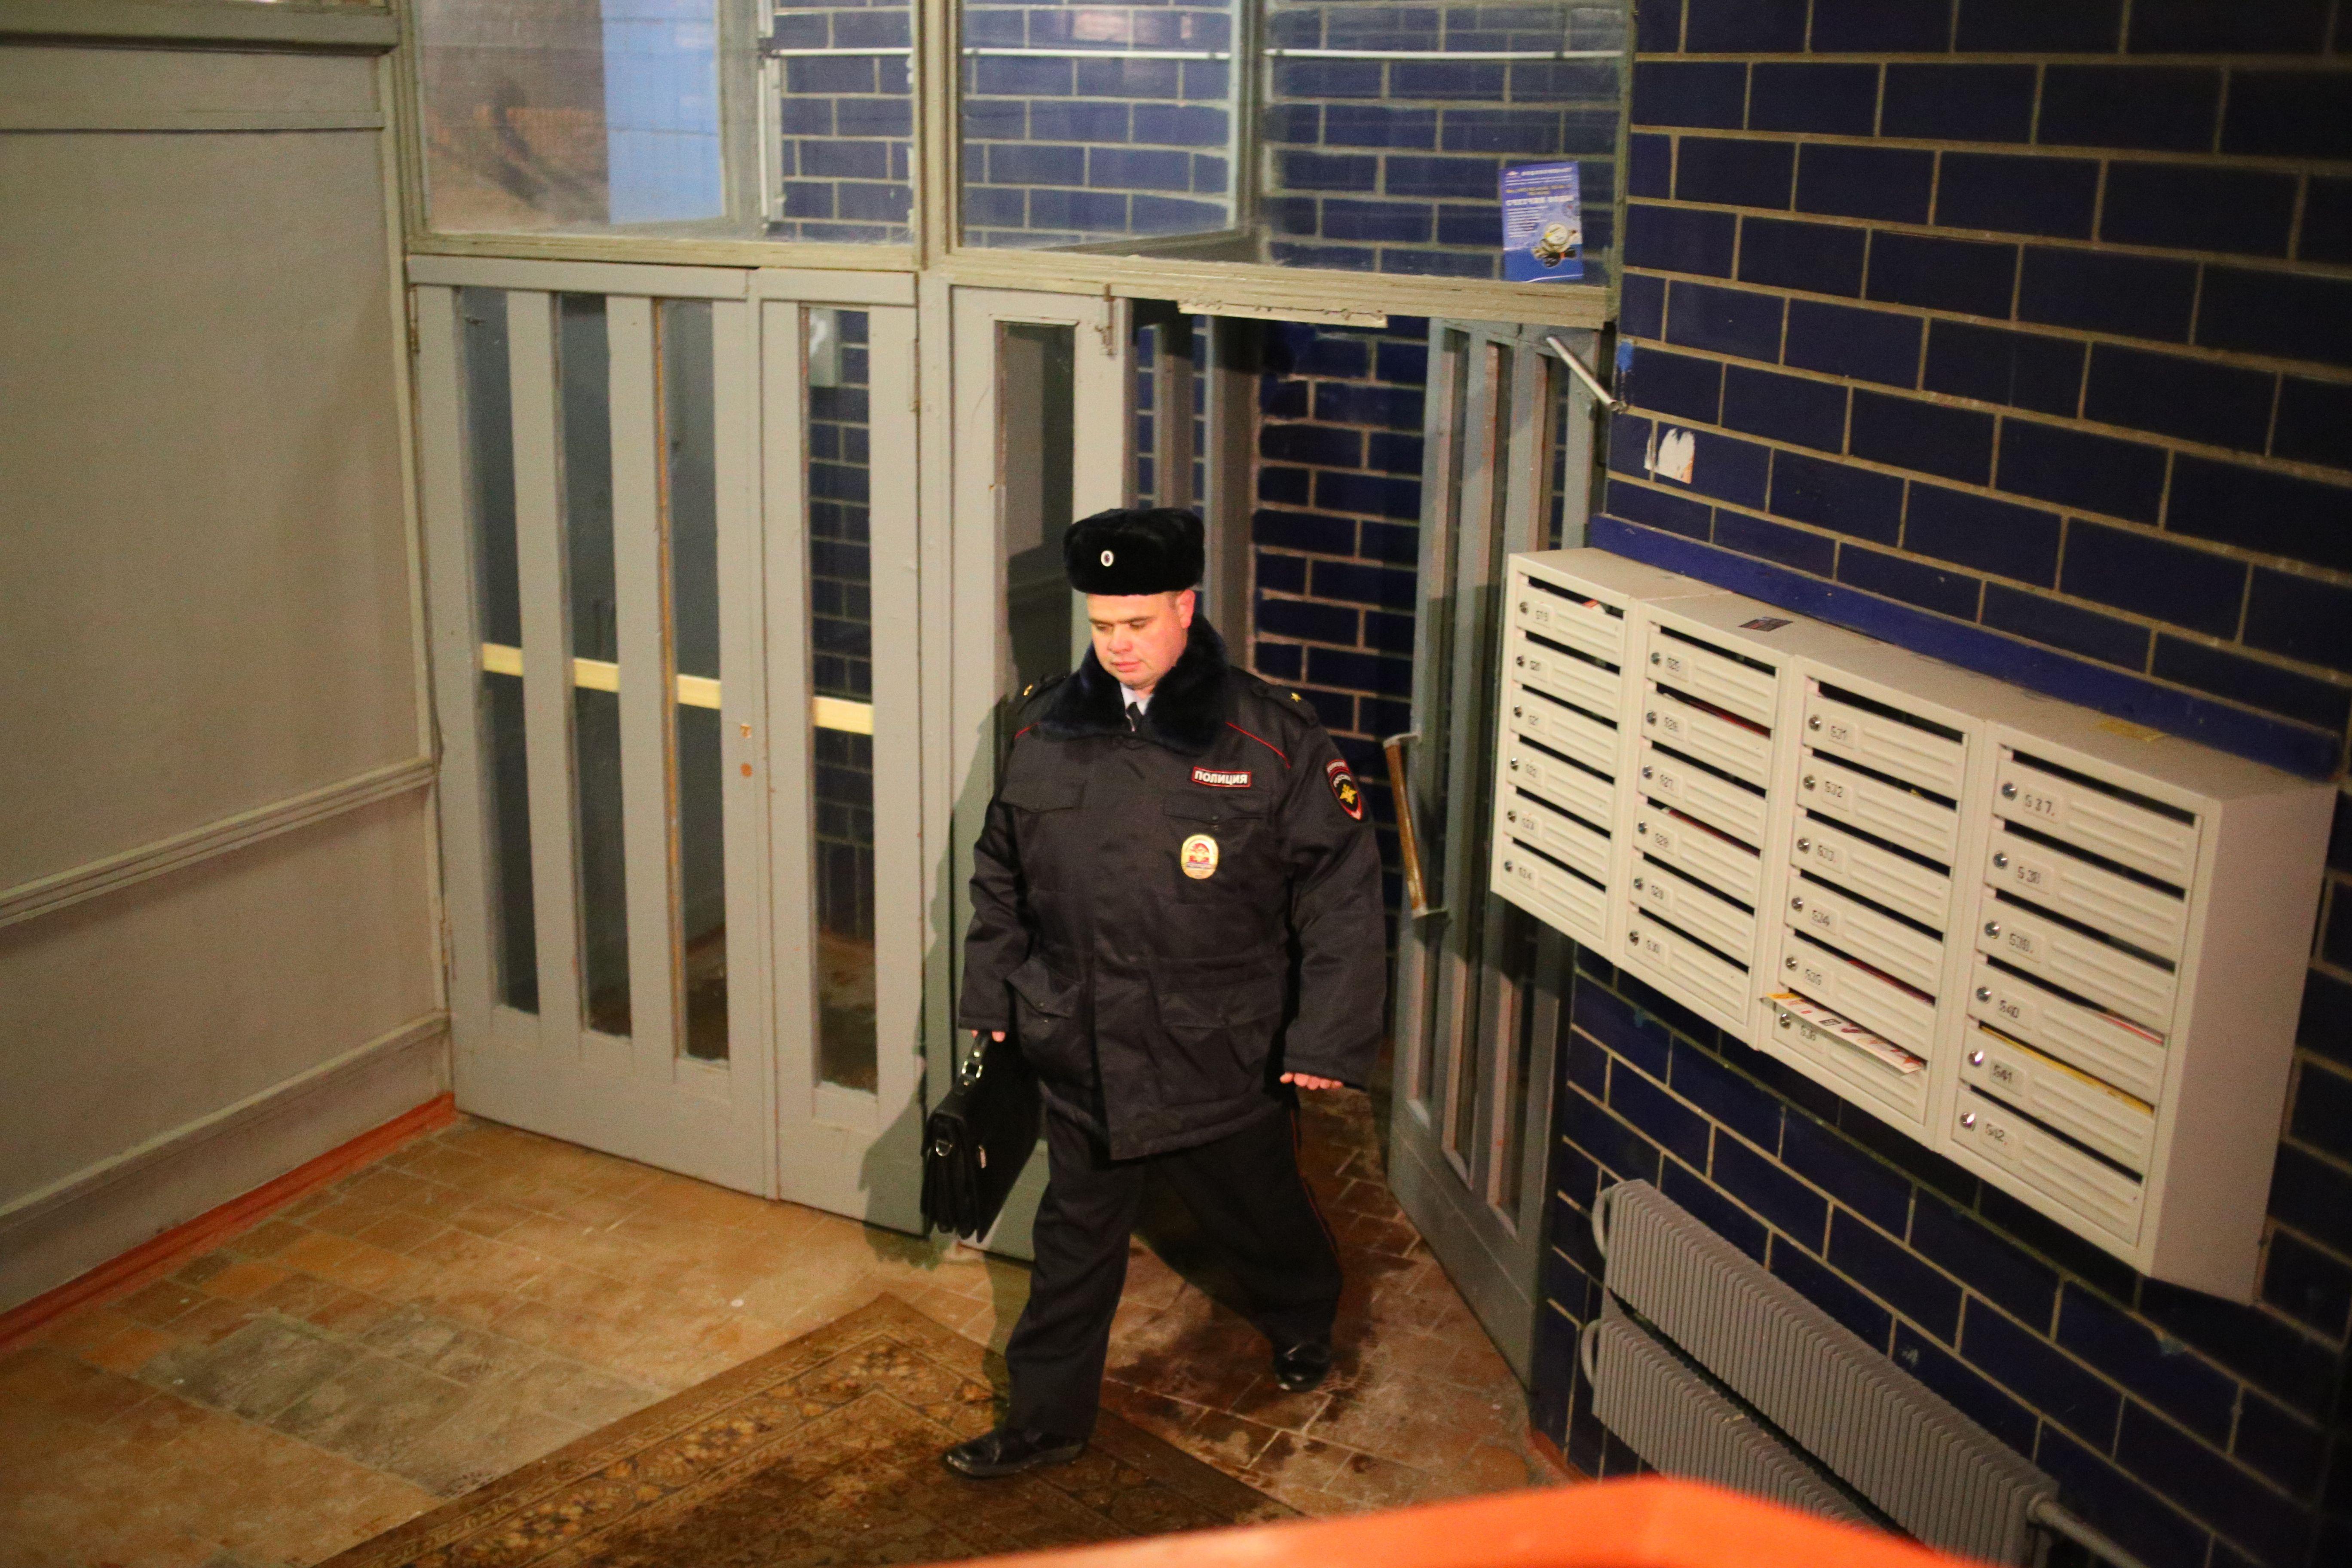 Сотрудником полиции УВД по ТиНАО задержан подозреваемый в уклонении от административного надзора